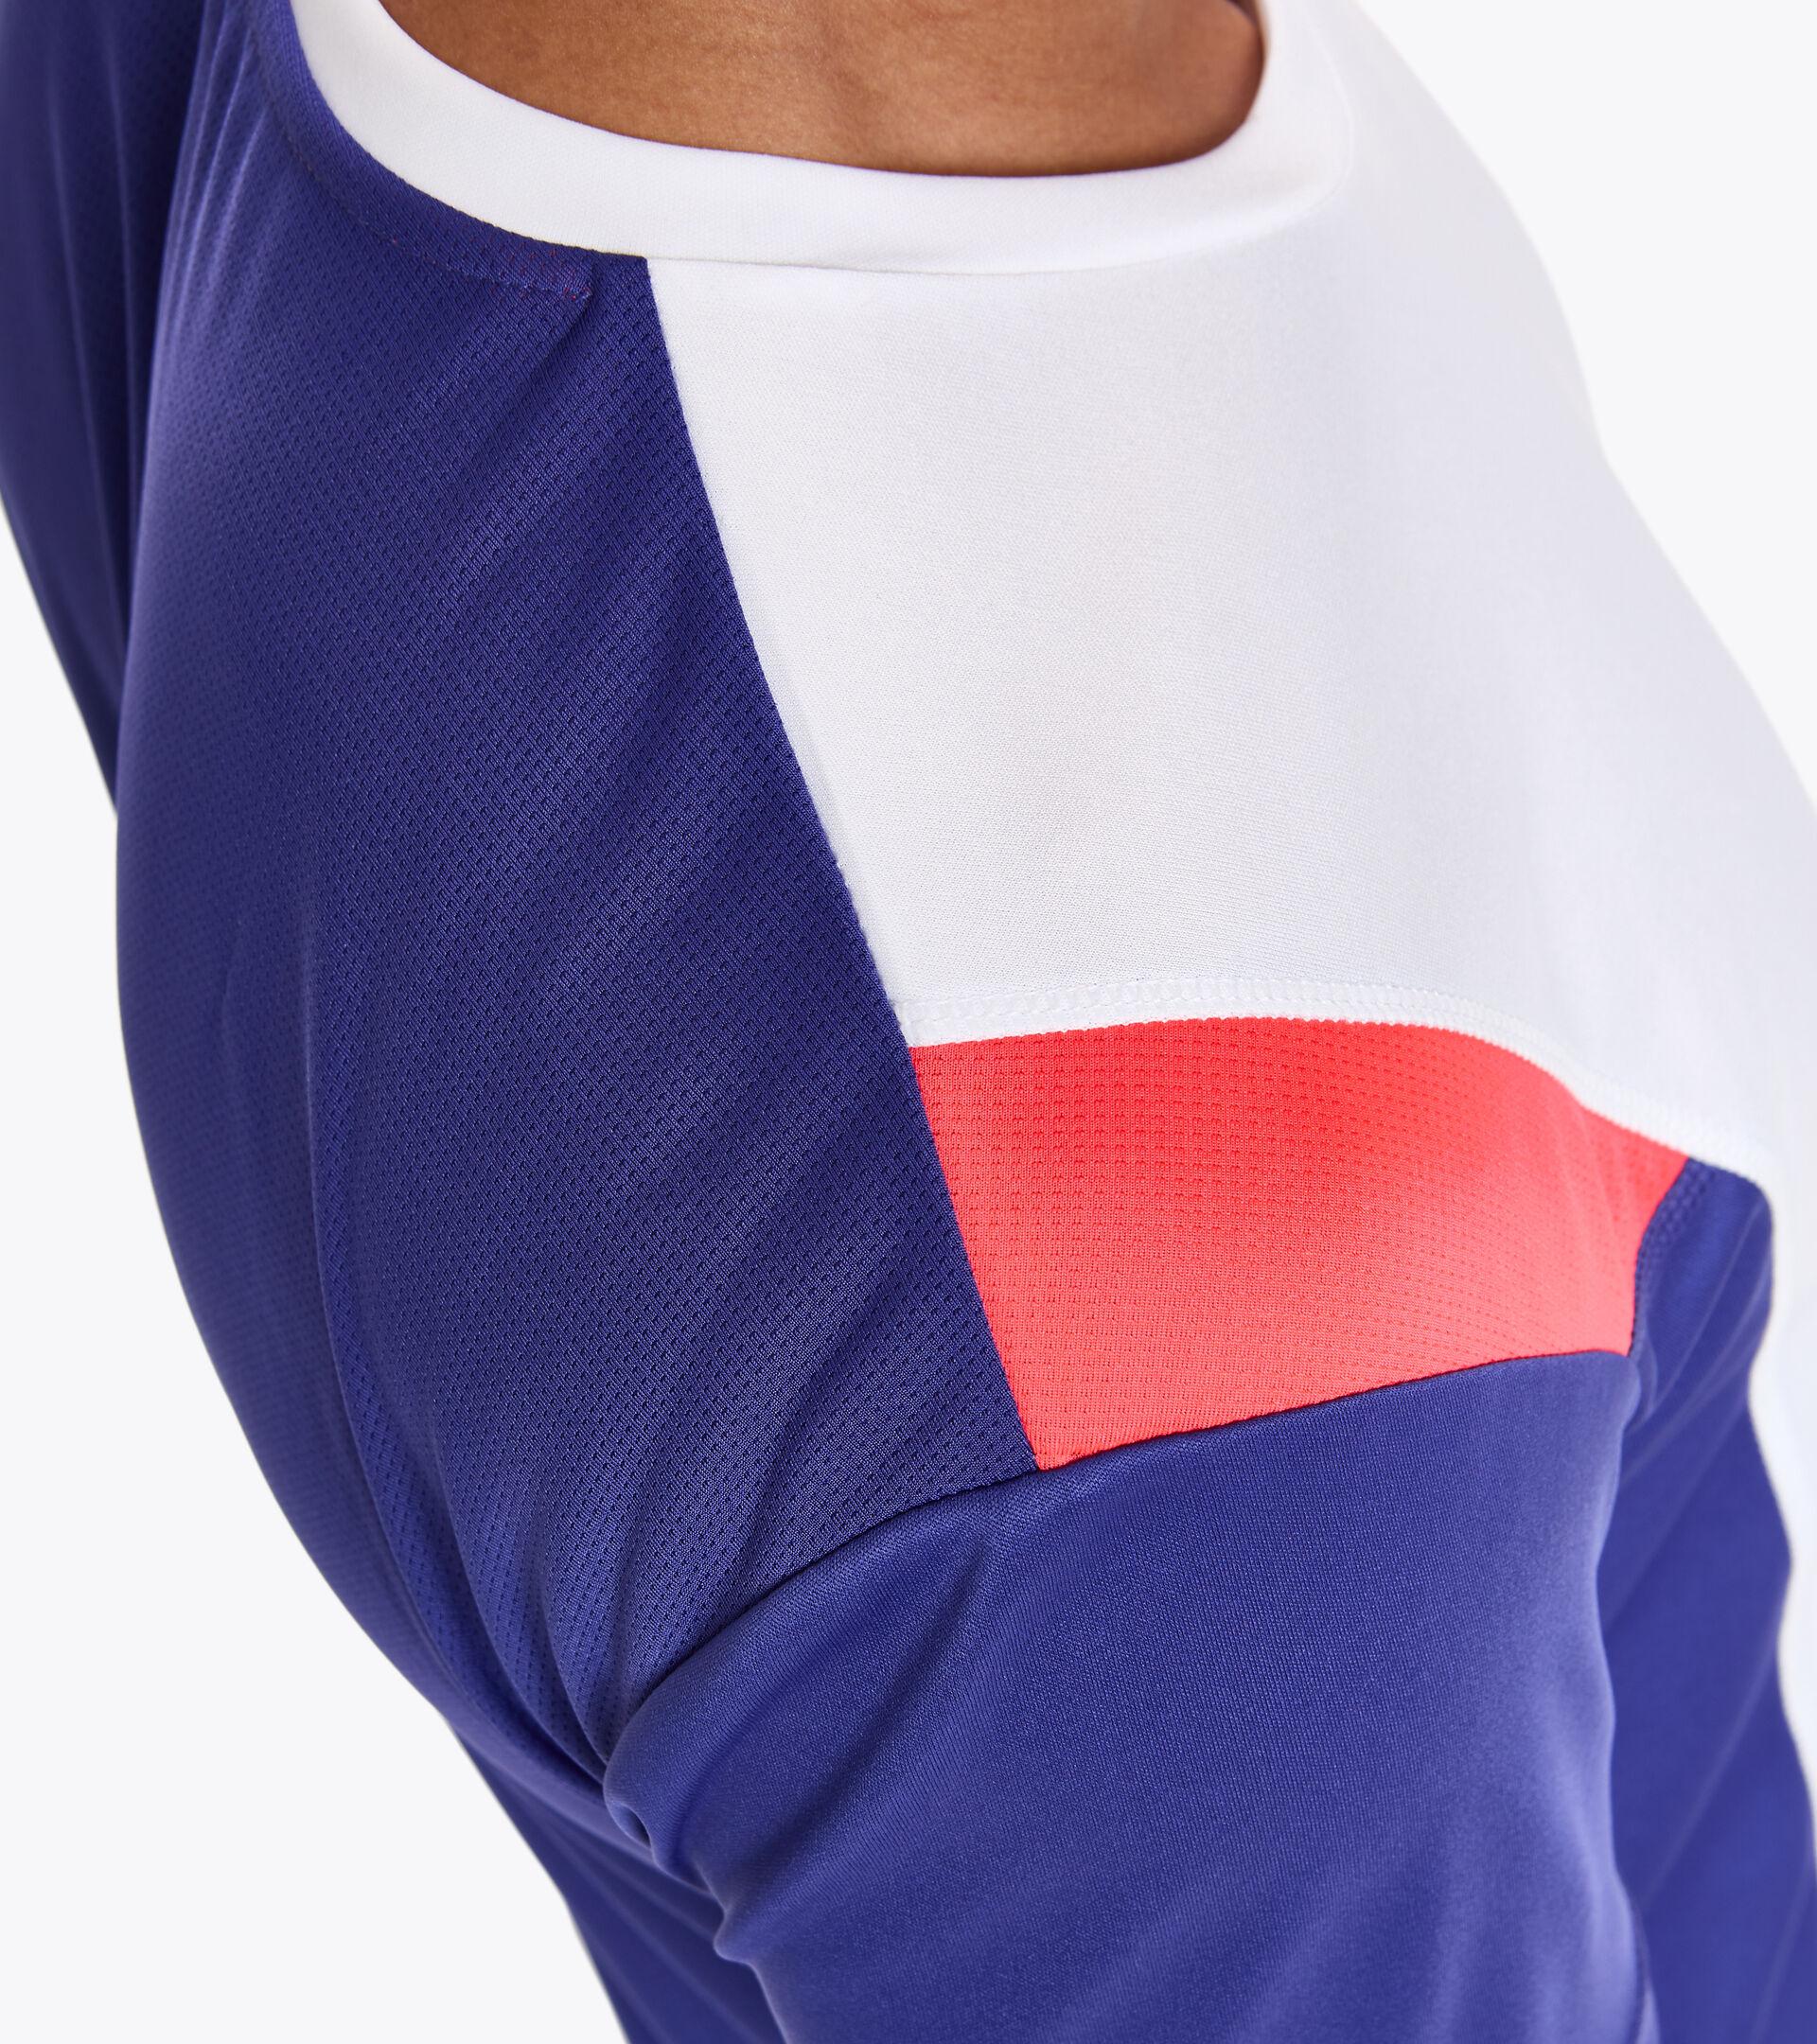 Camisetas de entrenamiento - Hombre  SS T-SHIRT RUN BLANCO VIVO - Diadora